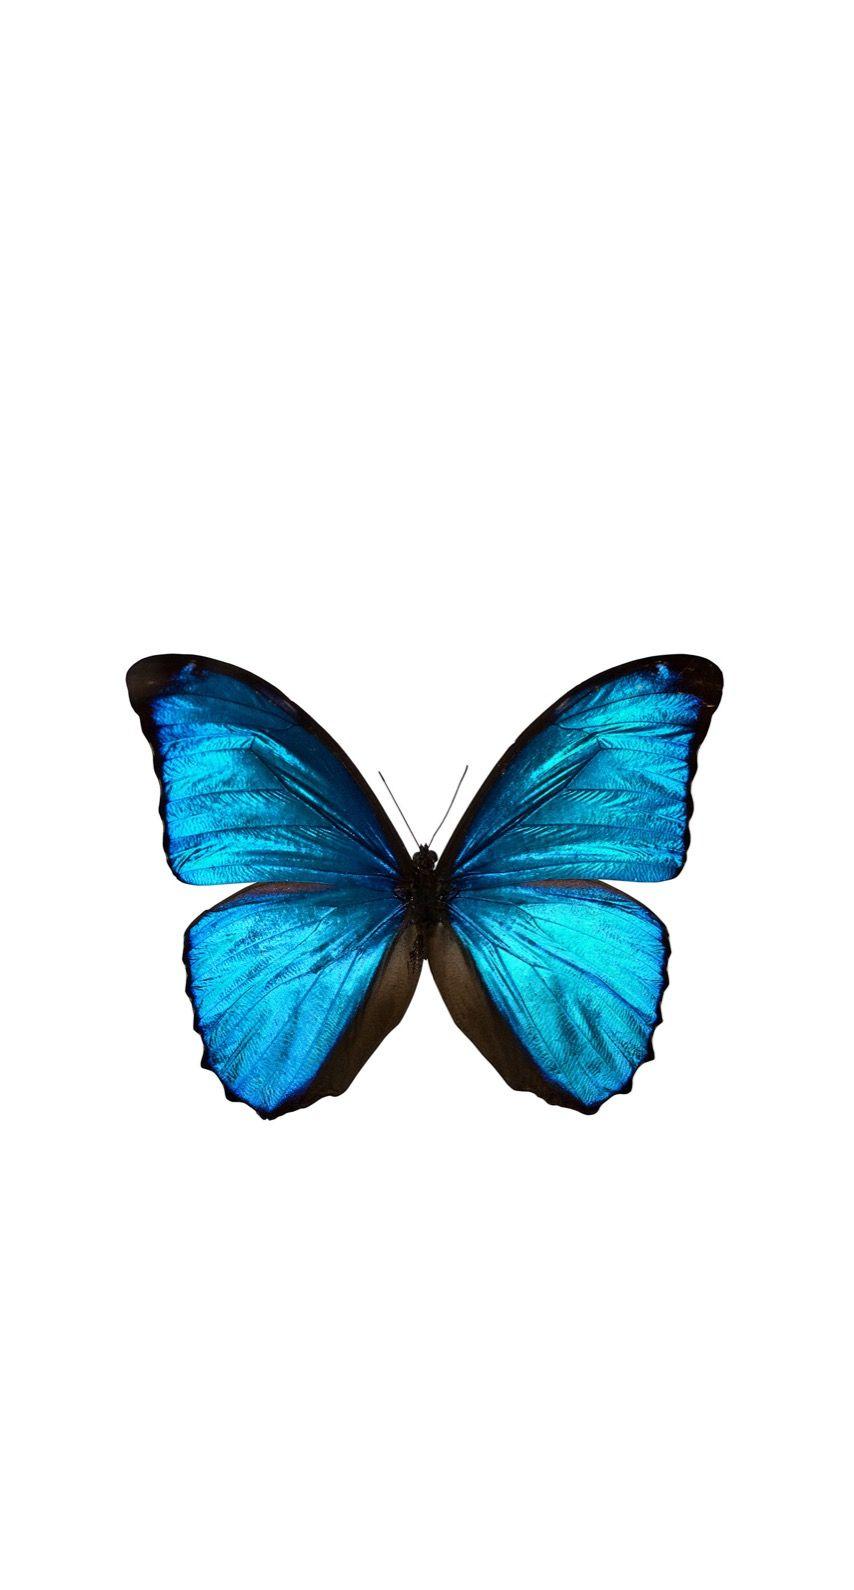 pin by isamar batsta on wallpapers blue butterfly